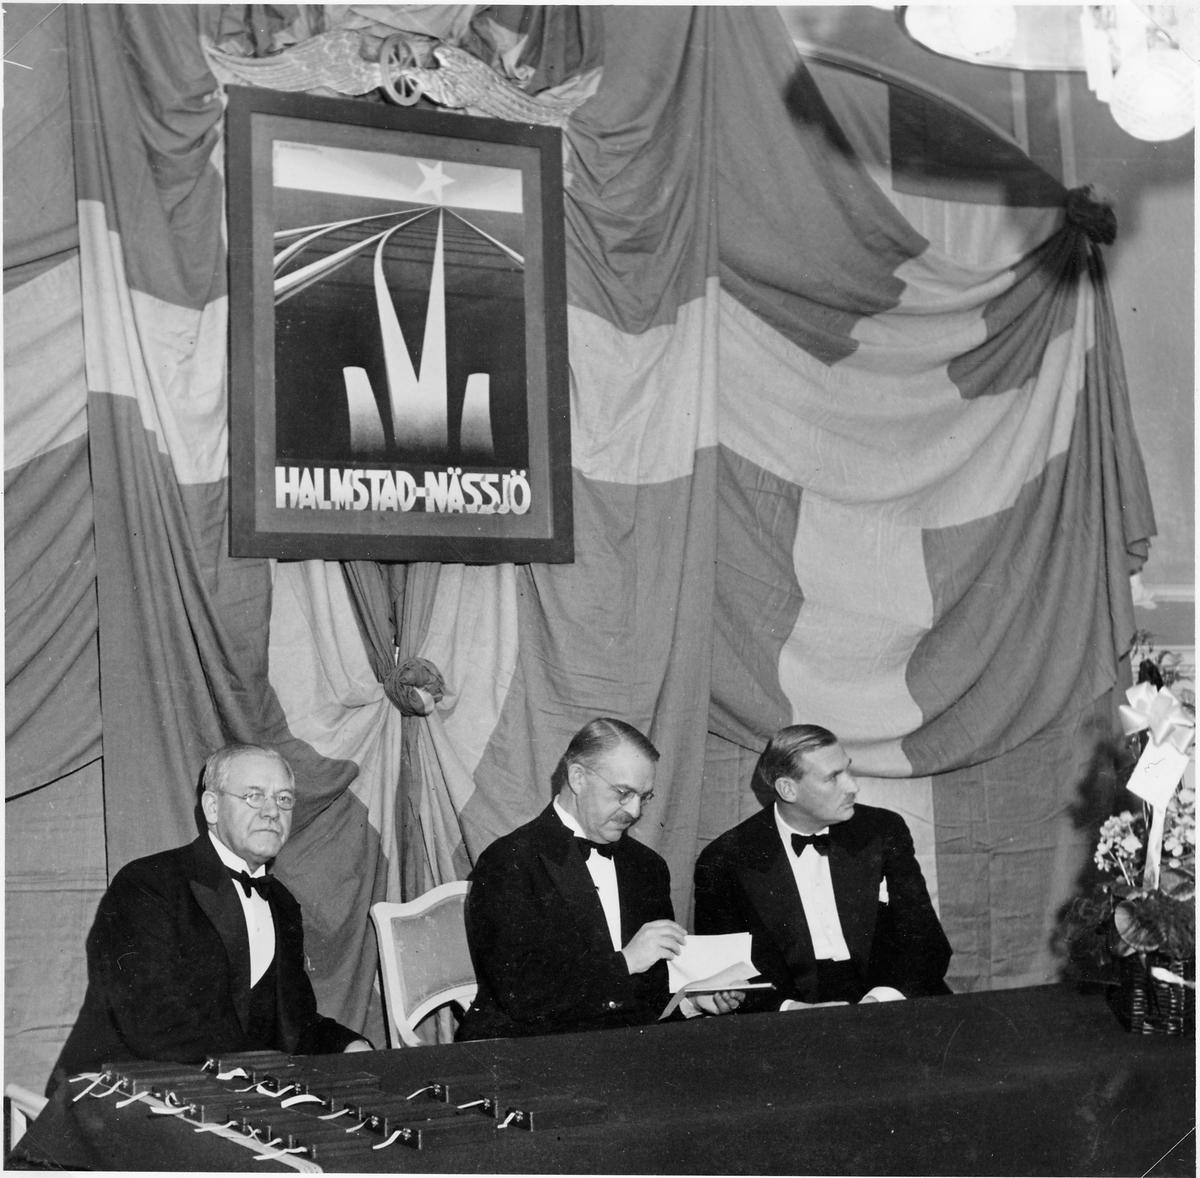 Halmstad - Nässjö Järnväg, HNJ:s medaljeringsfest på Grand Hotell i Halmstad.